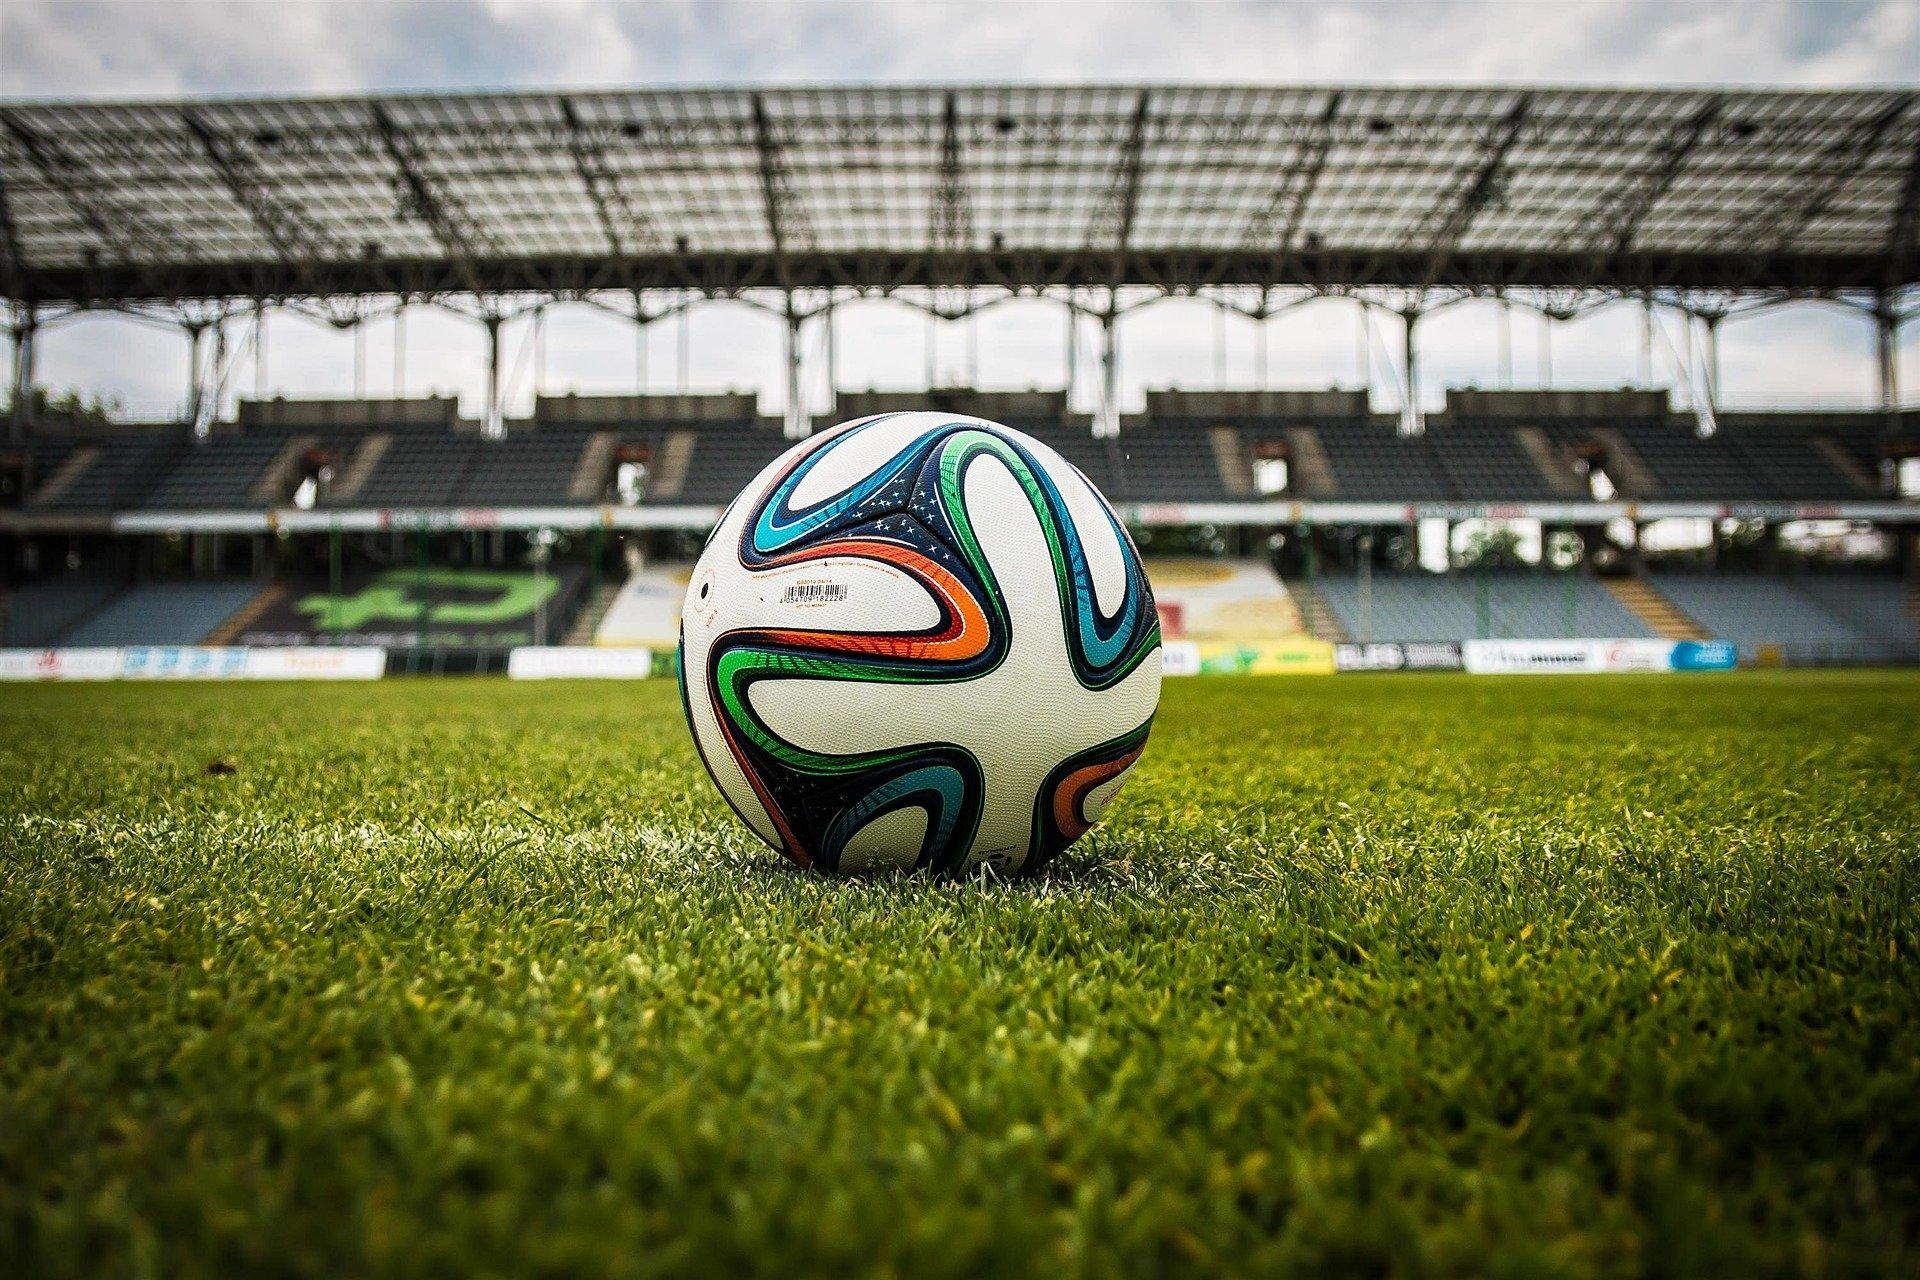 Abbandono scolastico e sport: qual è il ruolo della scuola?